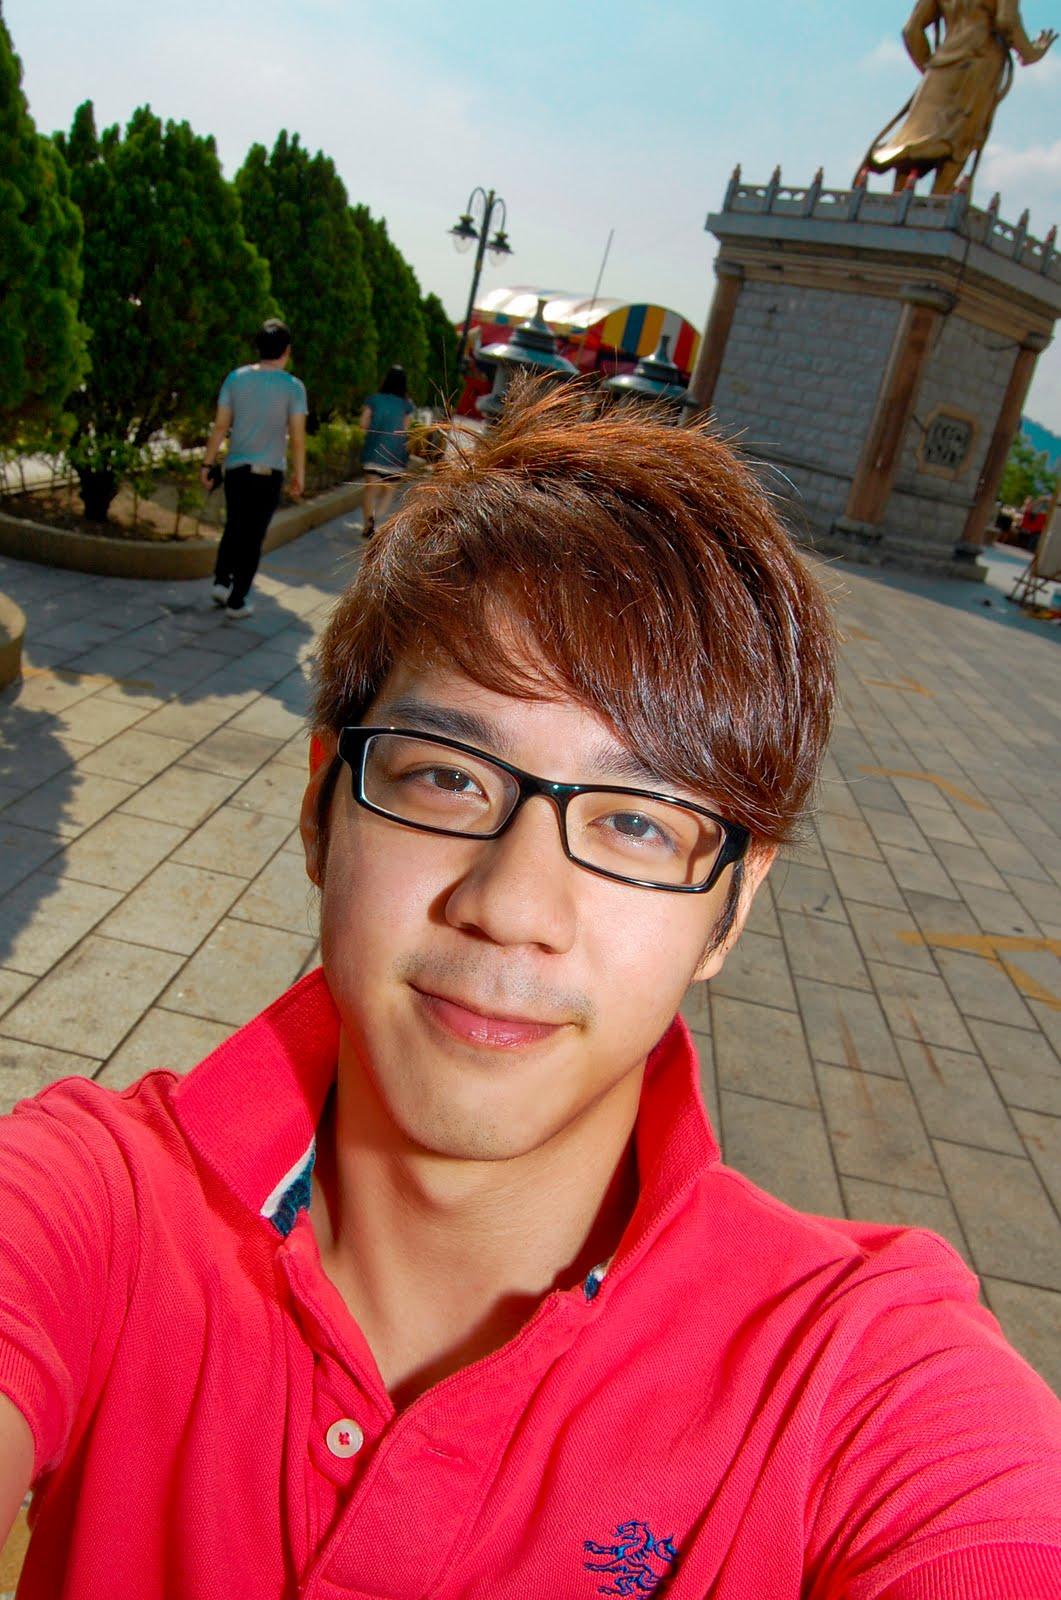 http://4.bp.blogspot.com/_4i5HngzV2GE/S7TAhpZ_6hI/AAAAAAAABB4/P864p4LkxYQ/s1600/Jason+Kek+Lok+Si.jpg